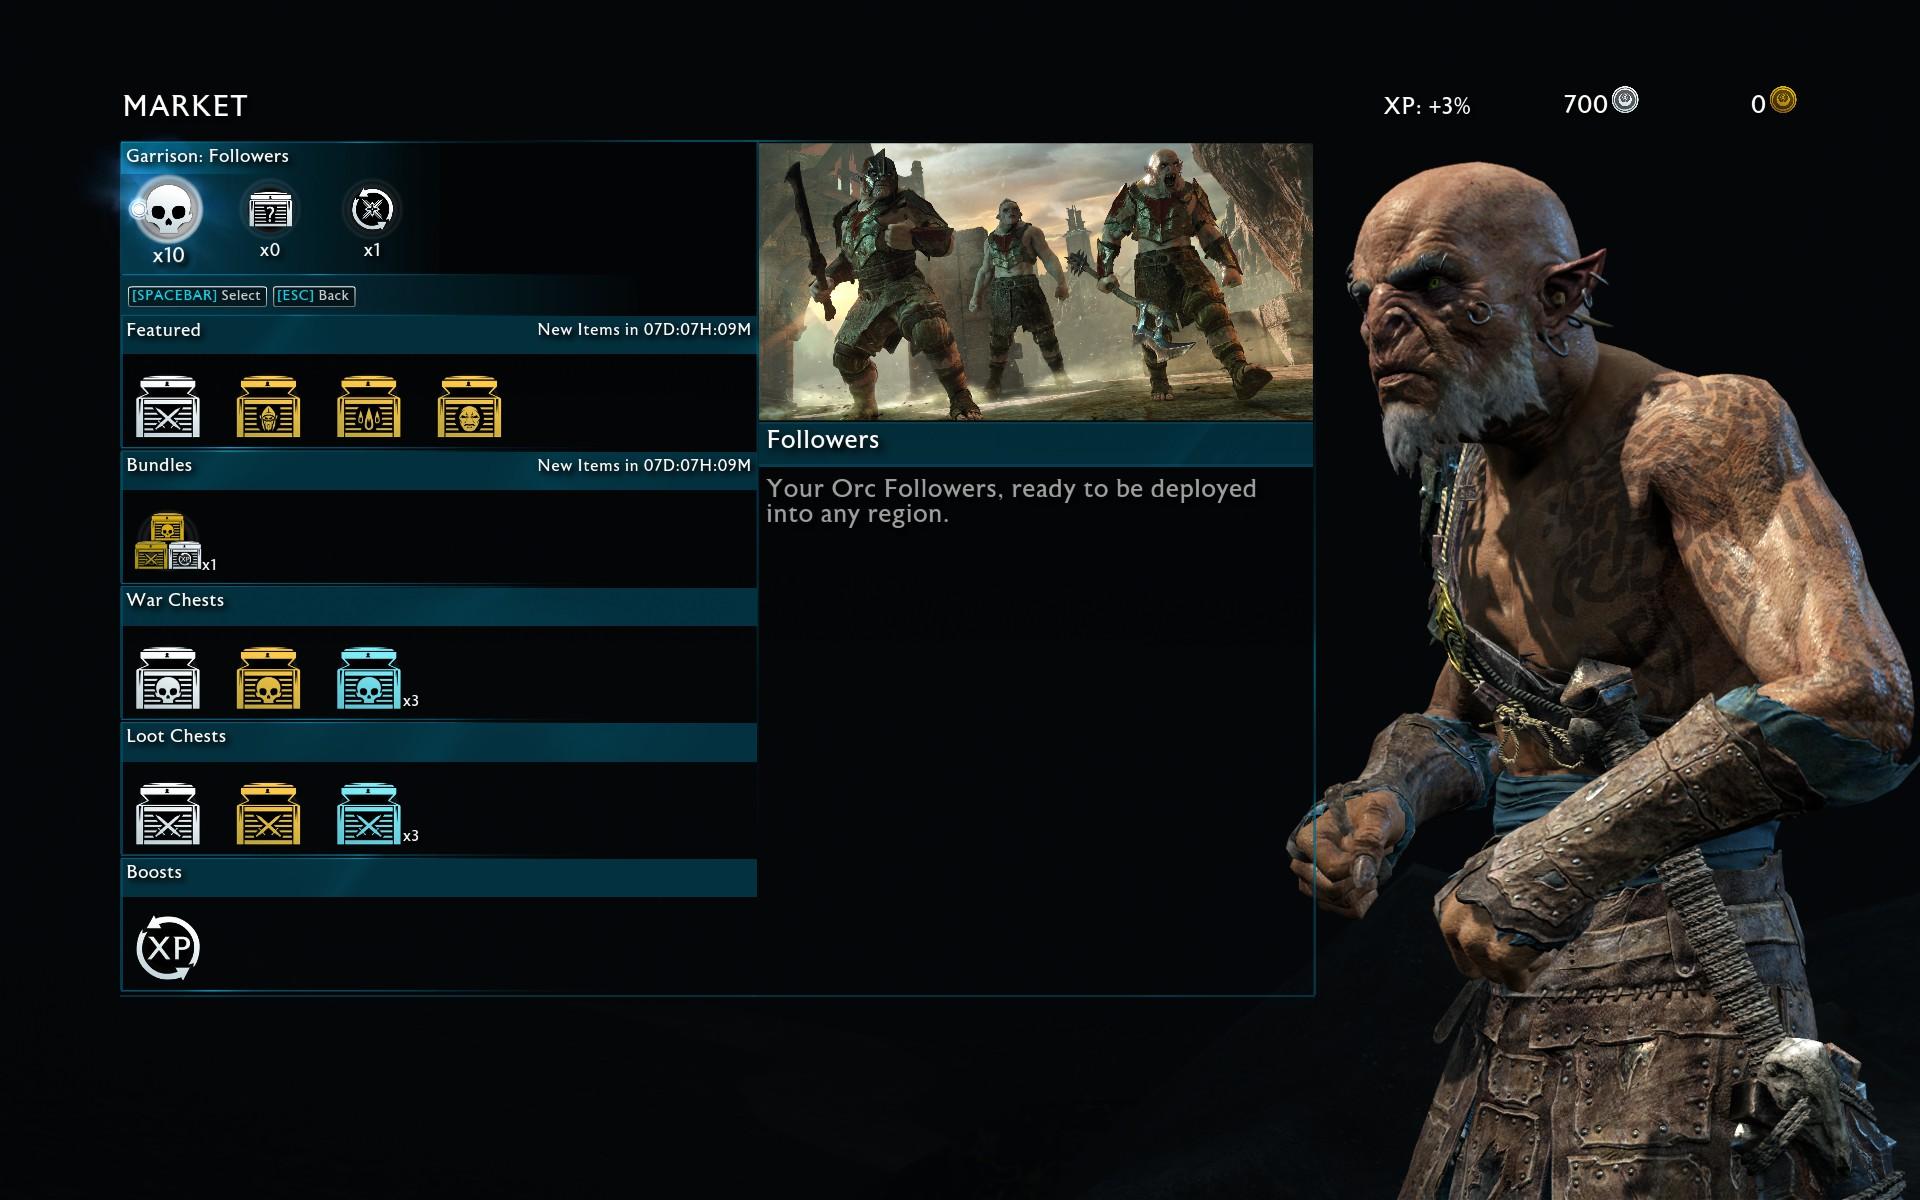 Schermata del Market in La Terra di Mezza: l'Ombra della Guerra.